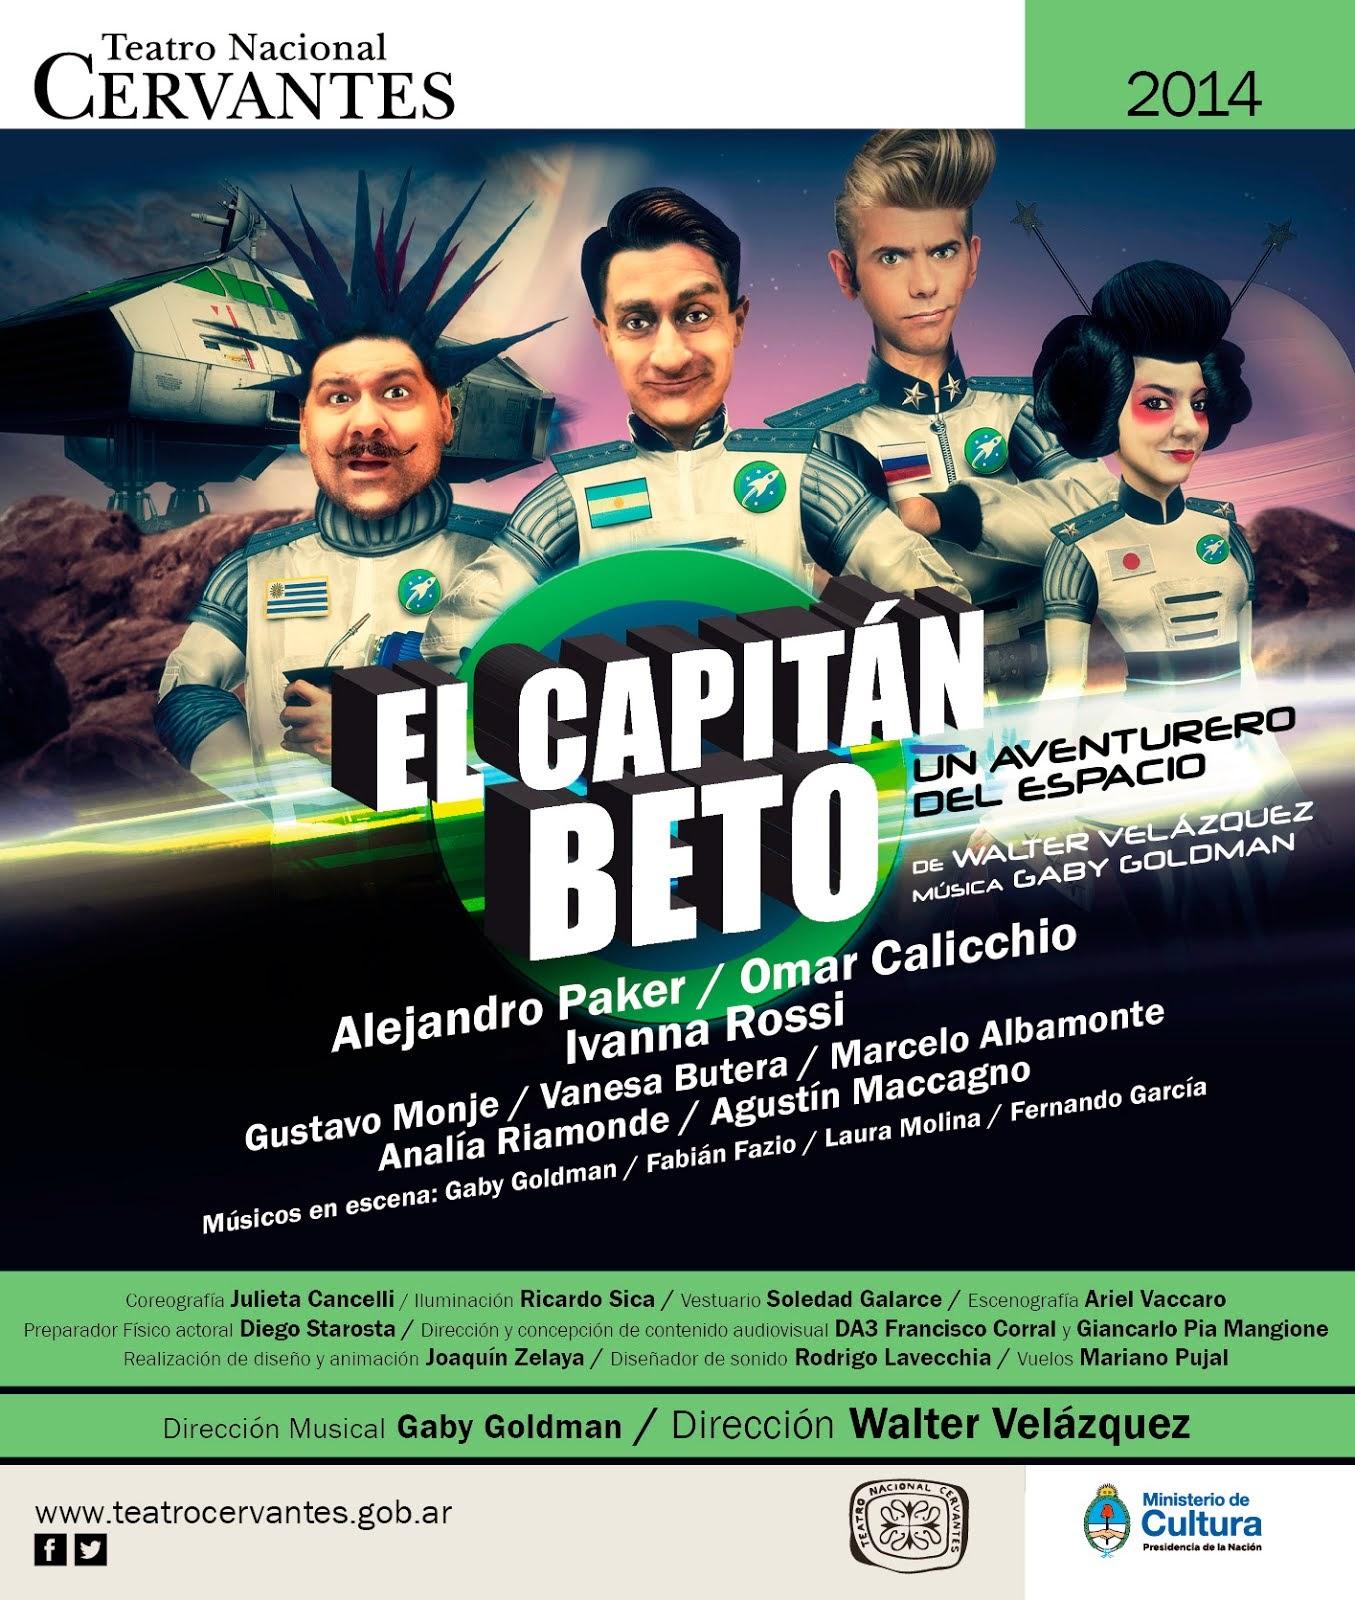 EL CAPITÁN BETO Un Aventurero del Espacio (julio 2014)